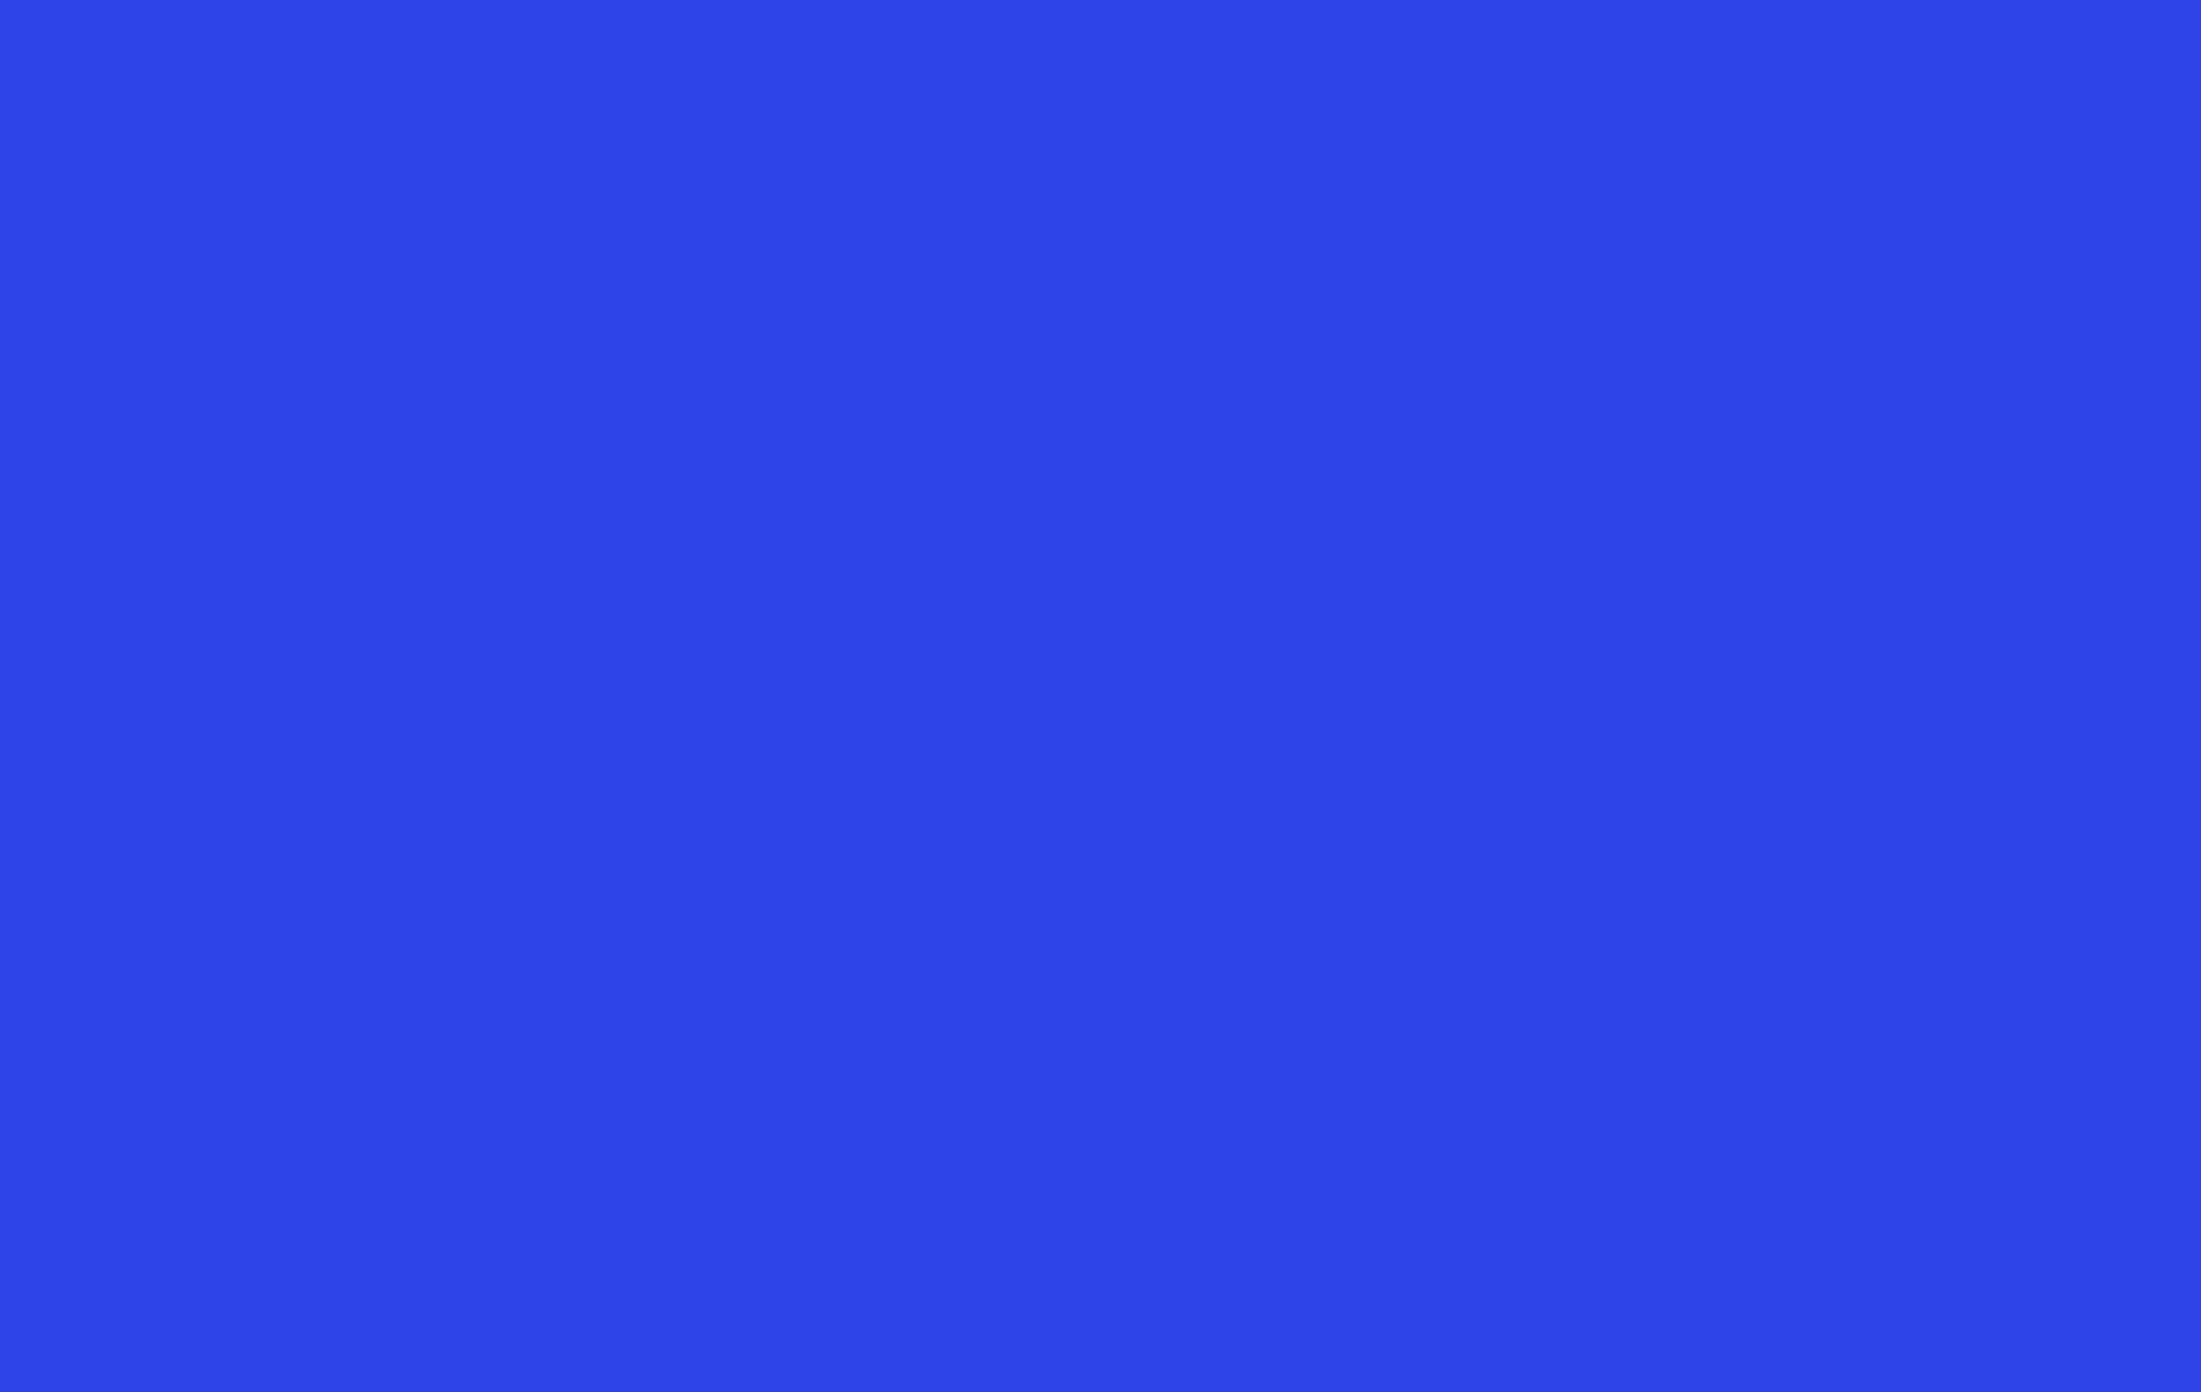 3-blue